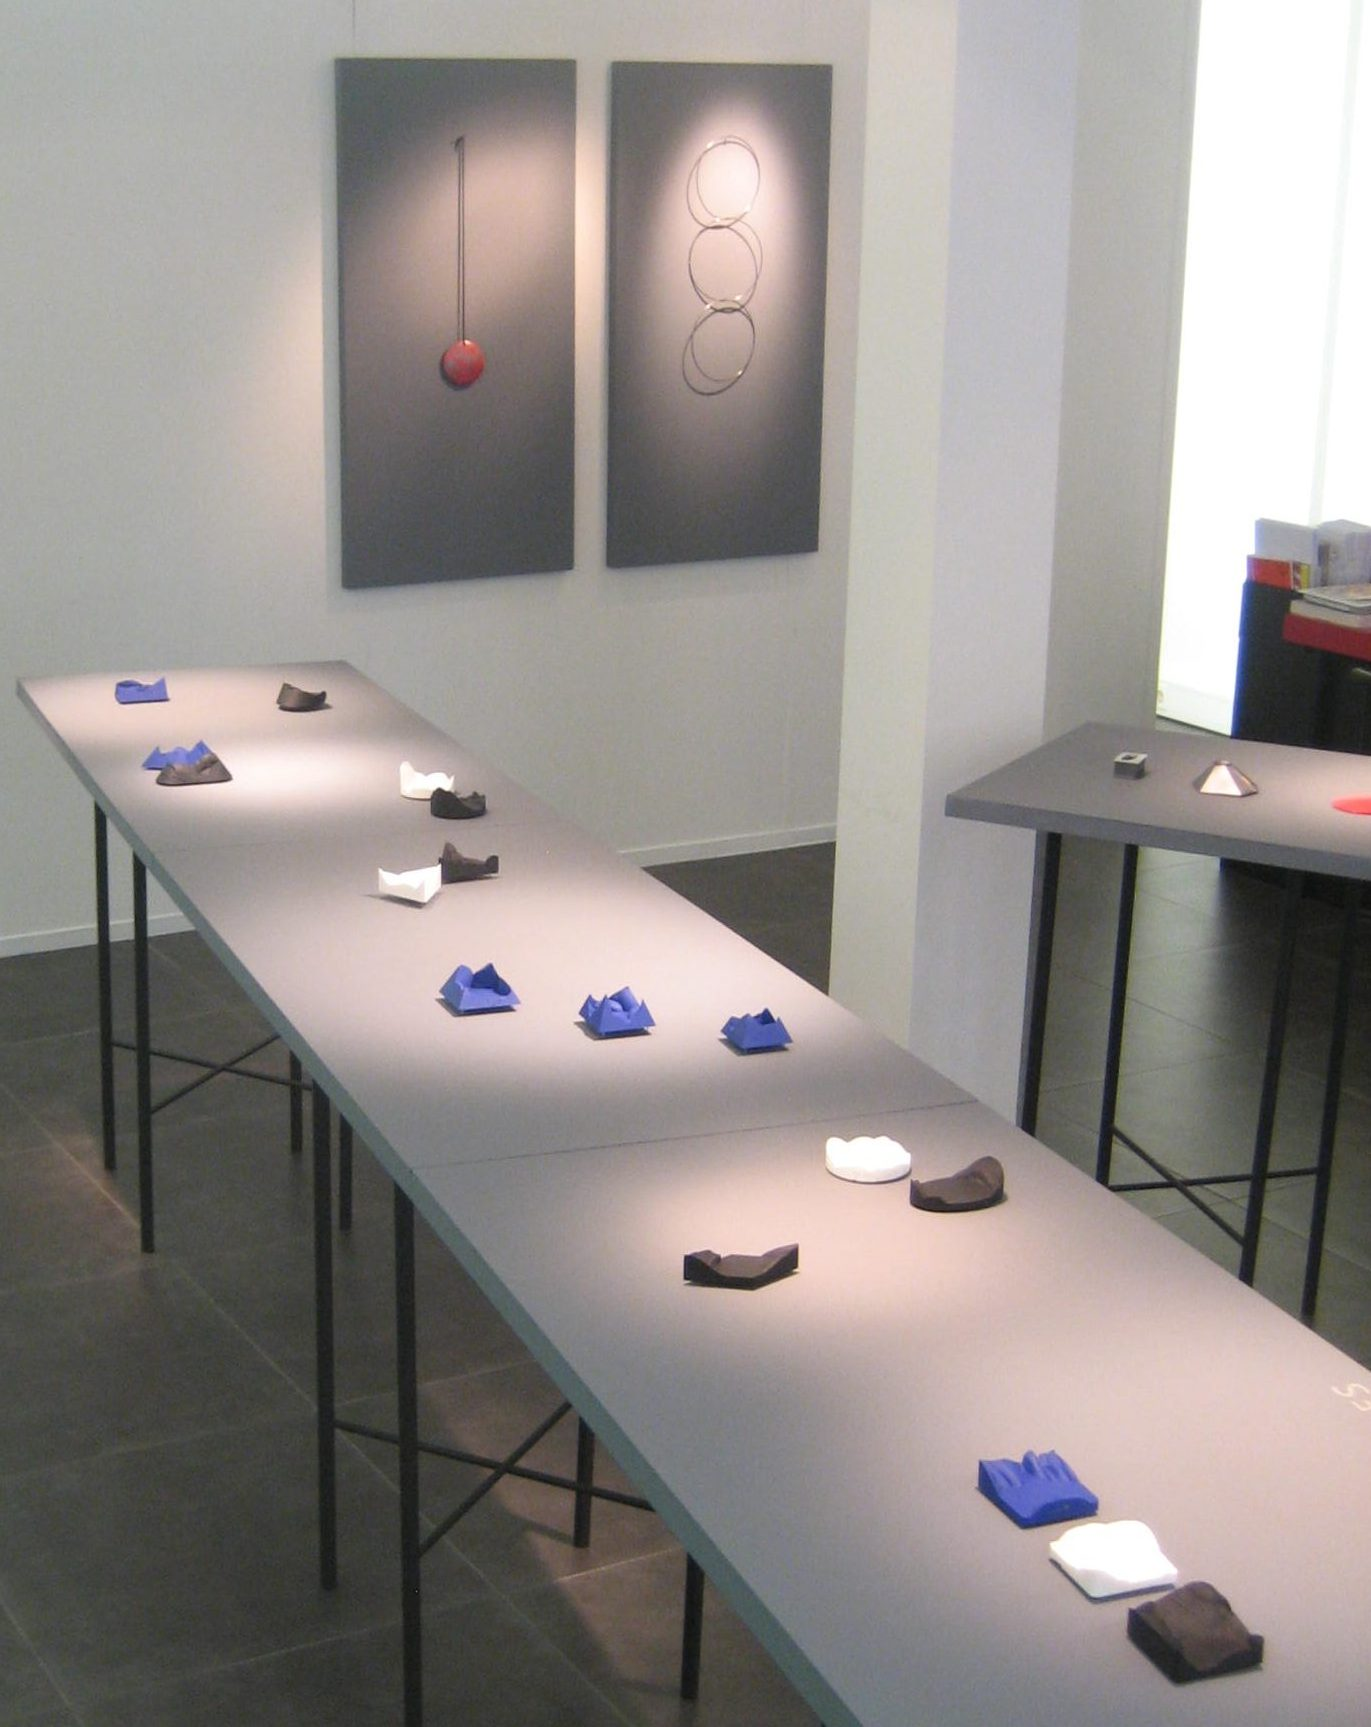 Patrícia Domingues, Galerie Ra, juni 2018, tentoonstelling, broches, halssieraden, Thérèse Hilbert, metaal, gereconstrueerd steen